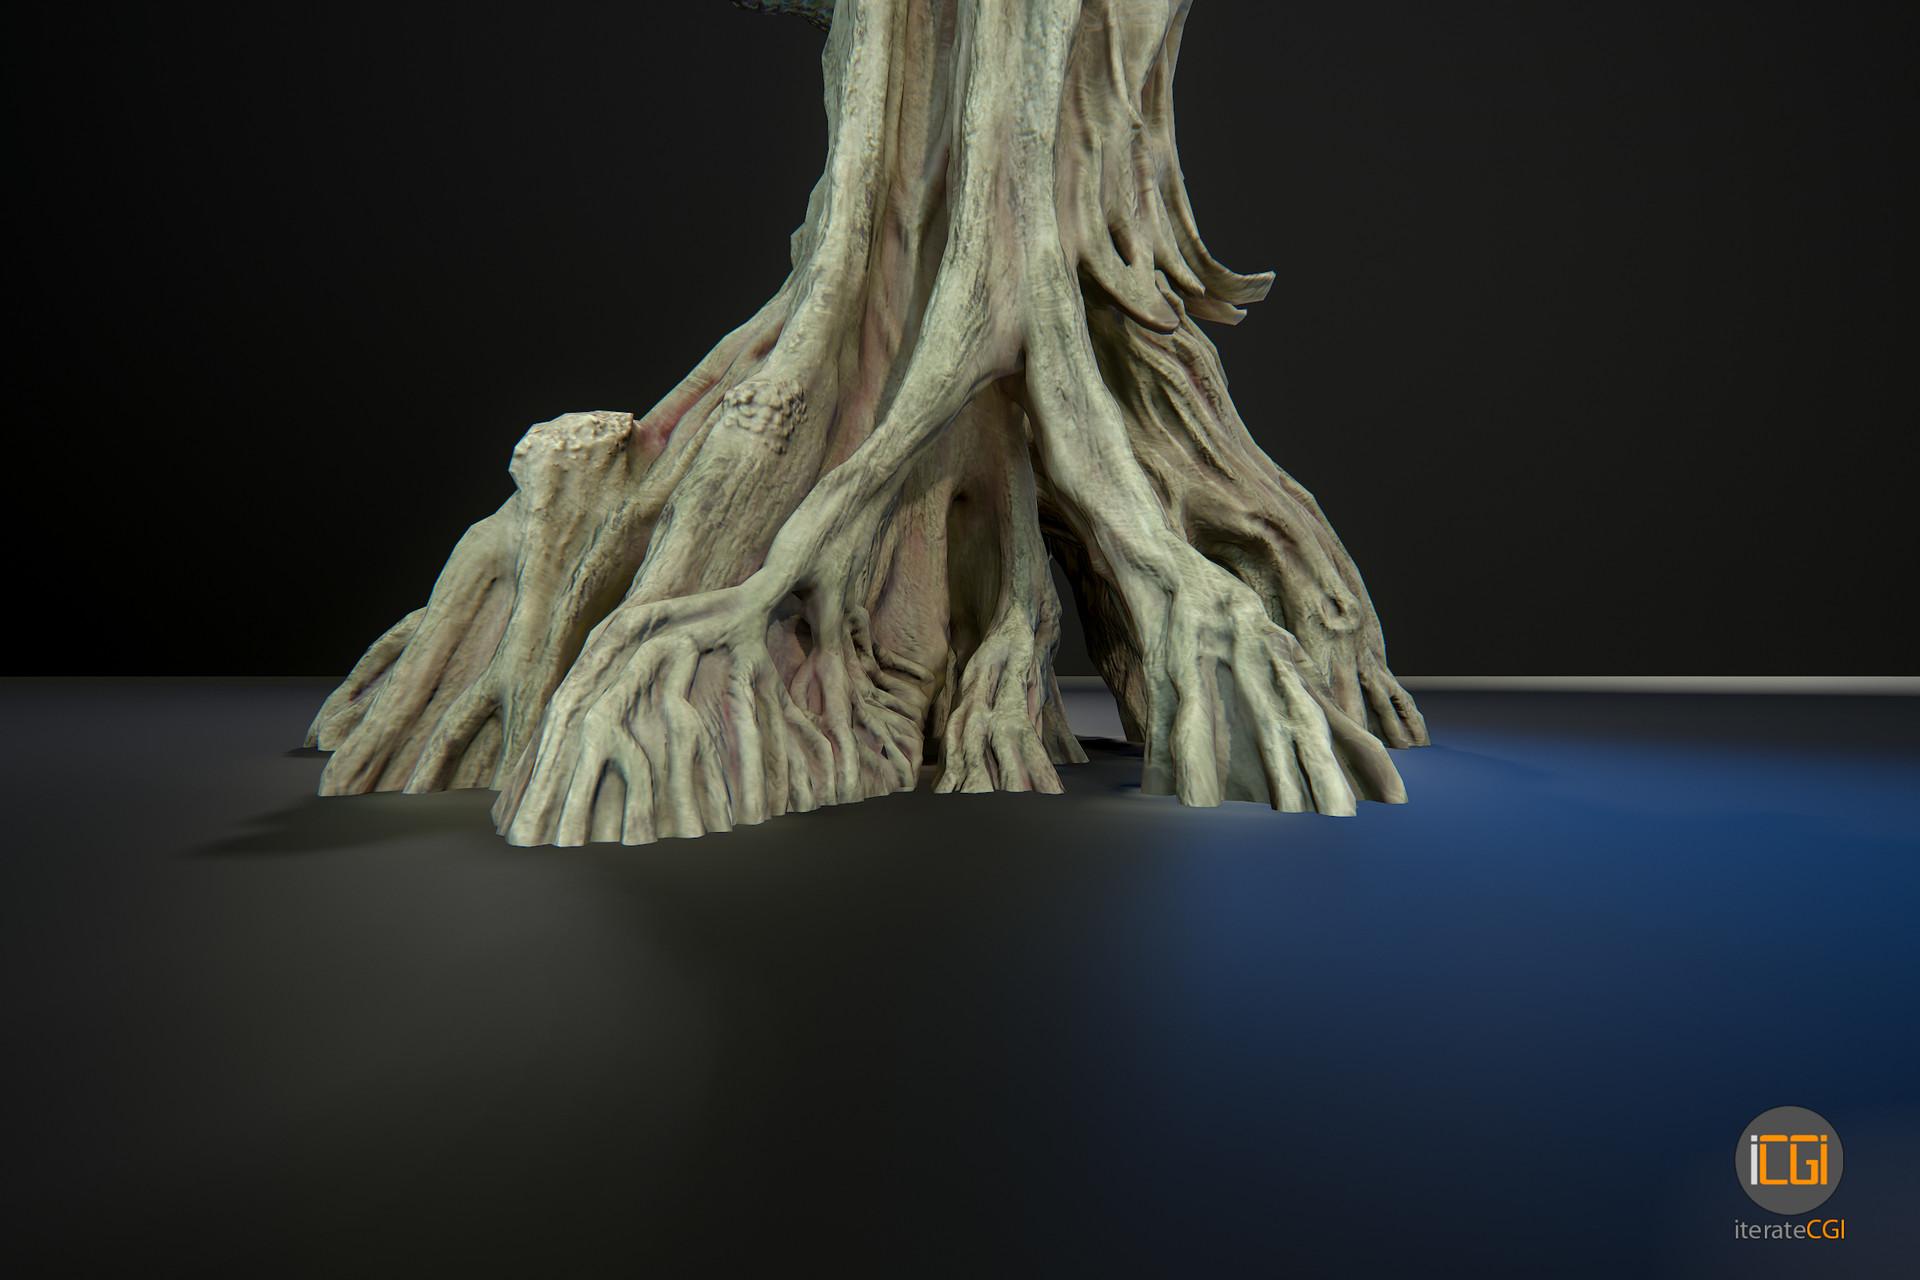 Johan de leenheer alien plant mushroom type2 19